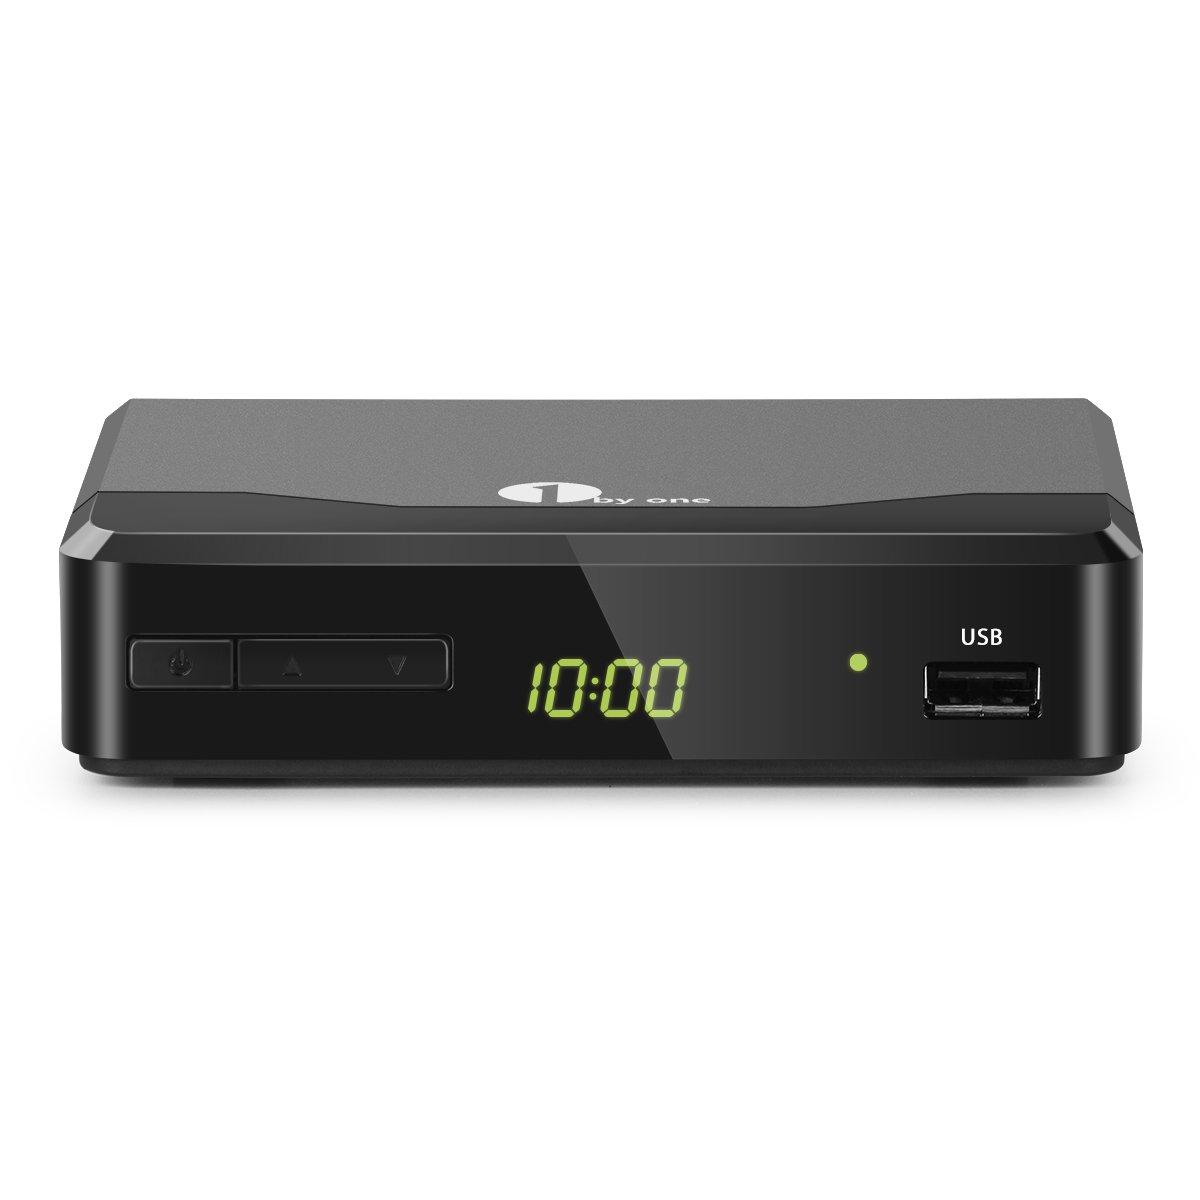 1byone ATSC Digital Converter Box for Analog TV Analog TV Converter Box with Record and  sc 1 st  Amazon.com & Analog-to-Digital (DTV) Converters | Amazon.com Aboutintivar.Com